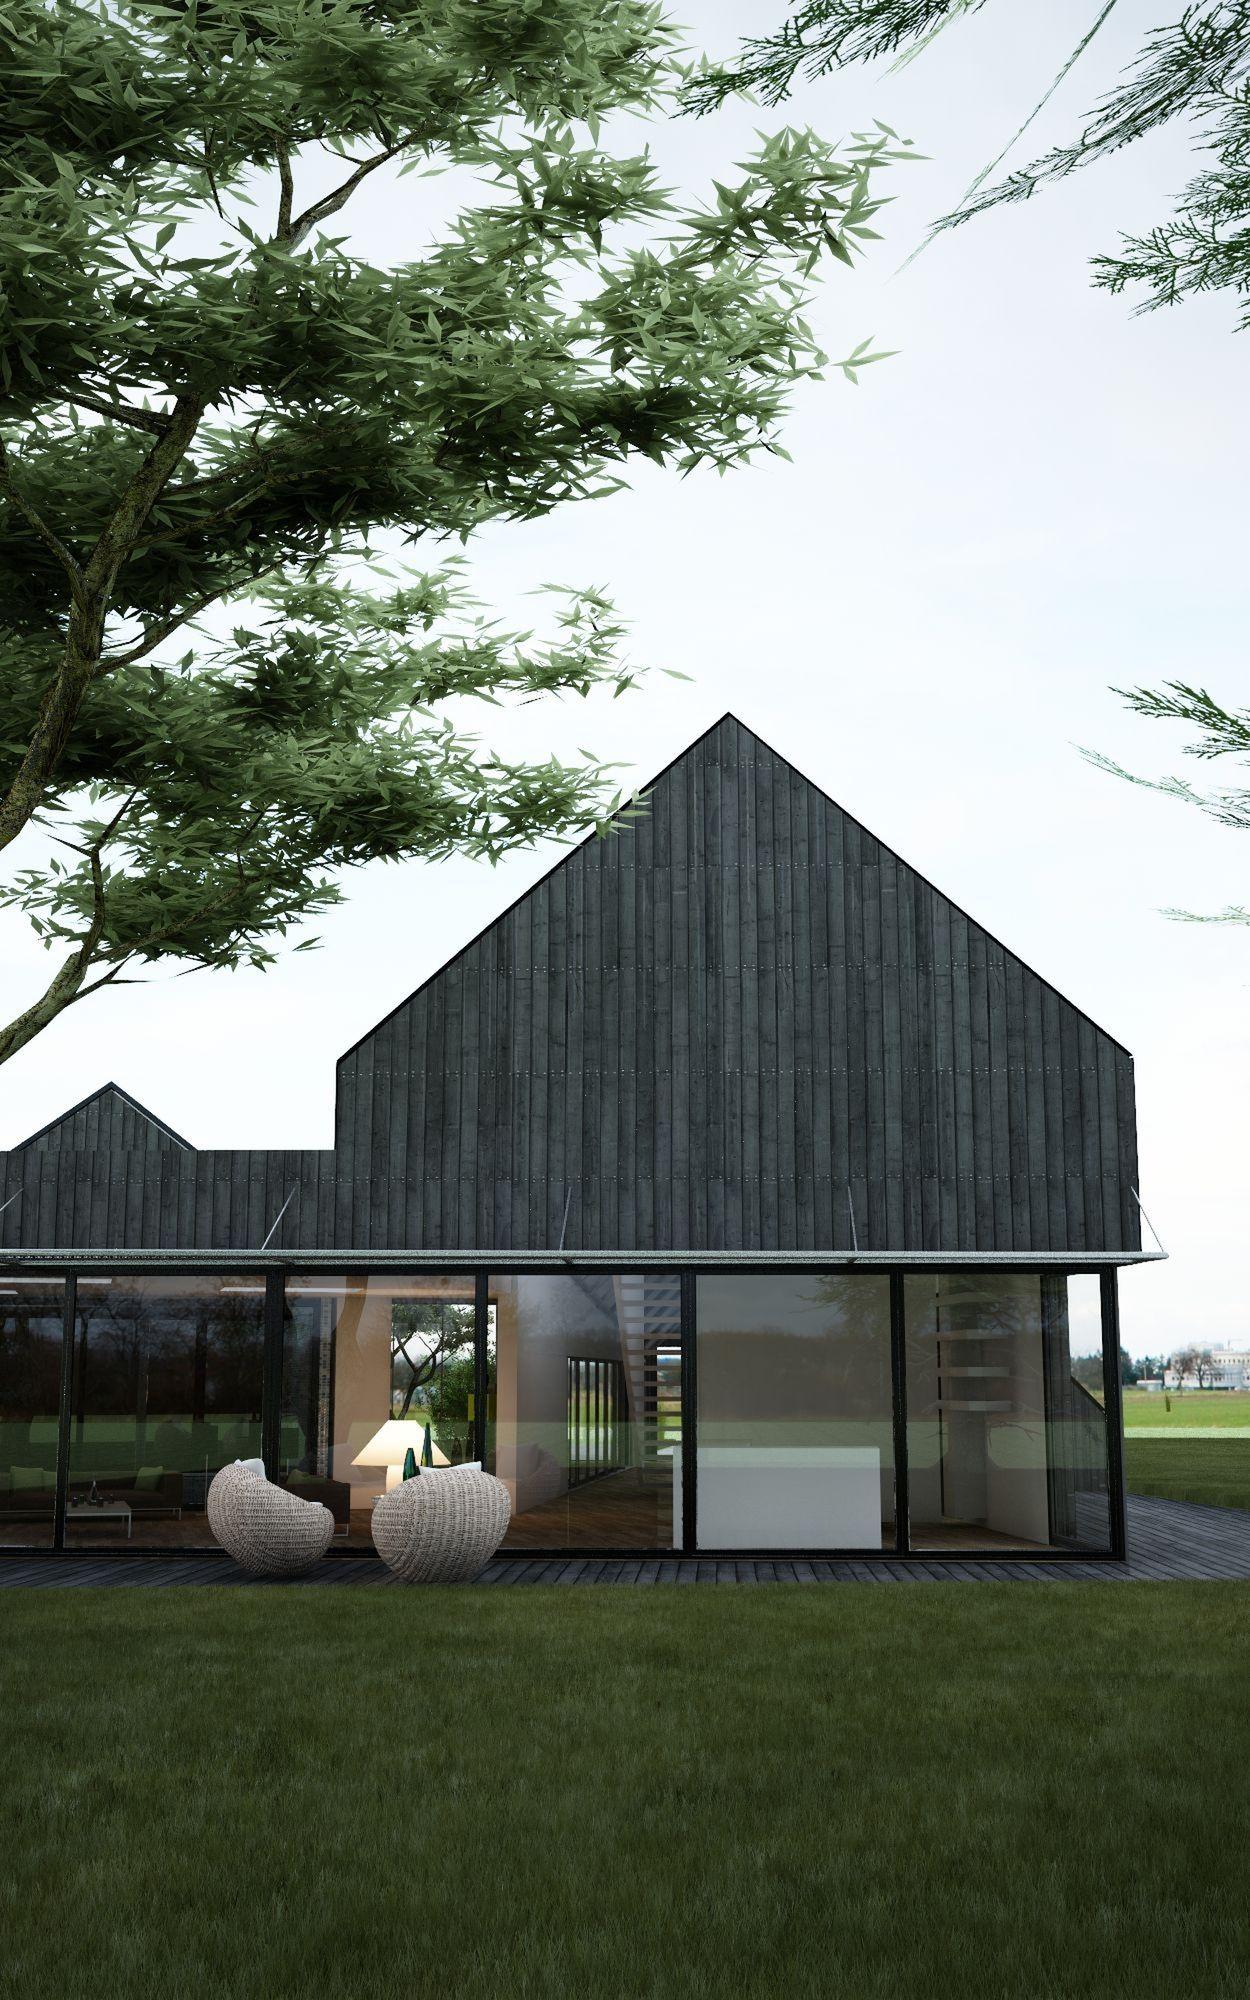 Projet de maison passive en baie de somme